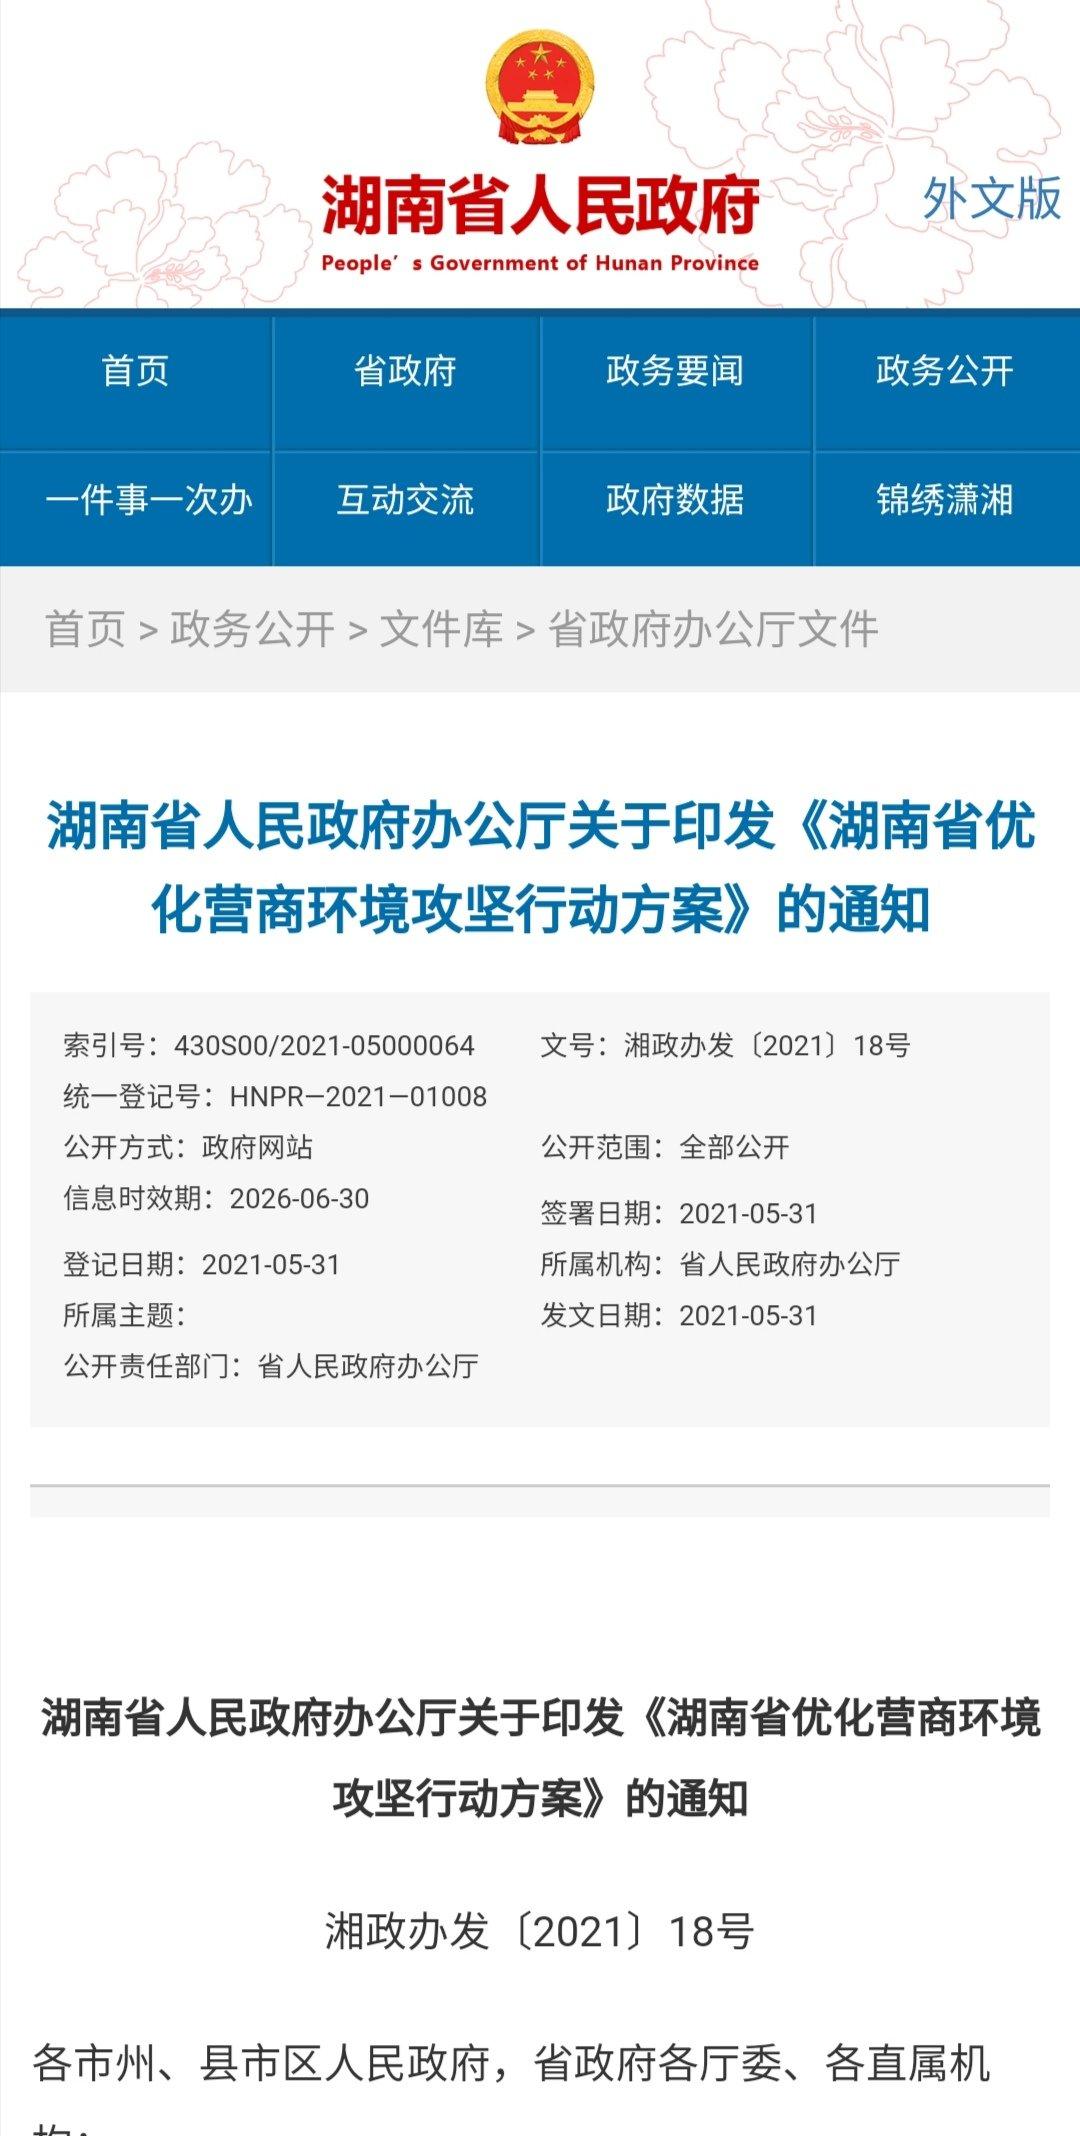 湖南省人民政府办公厅关于印发《湖南省优化营商环境攻坚行动方案》的通知